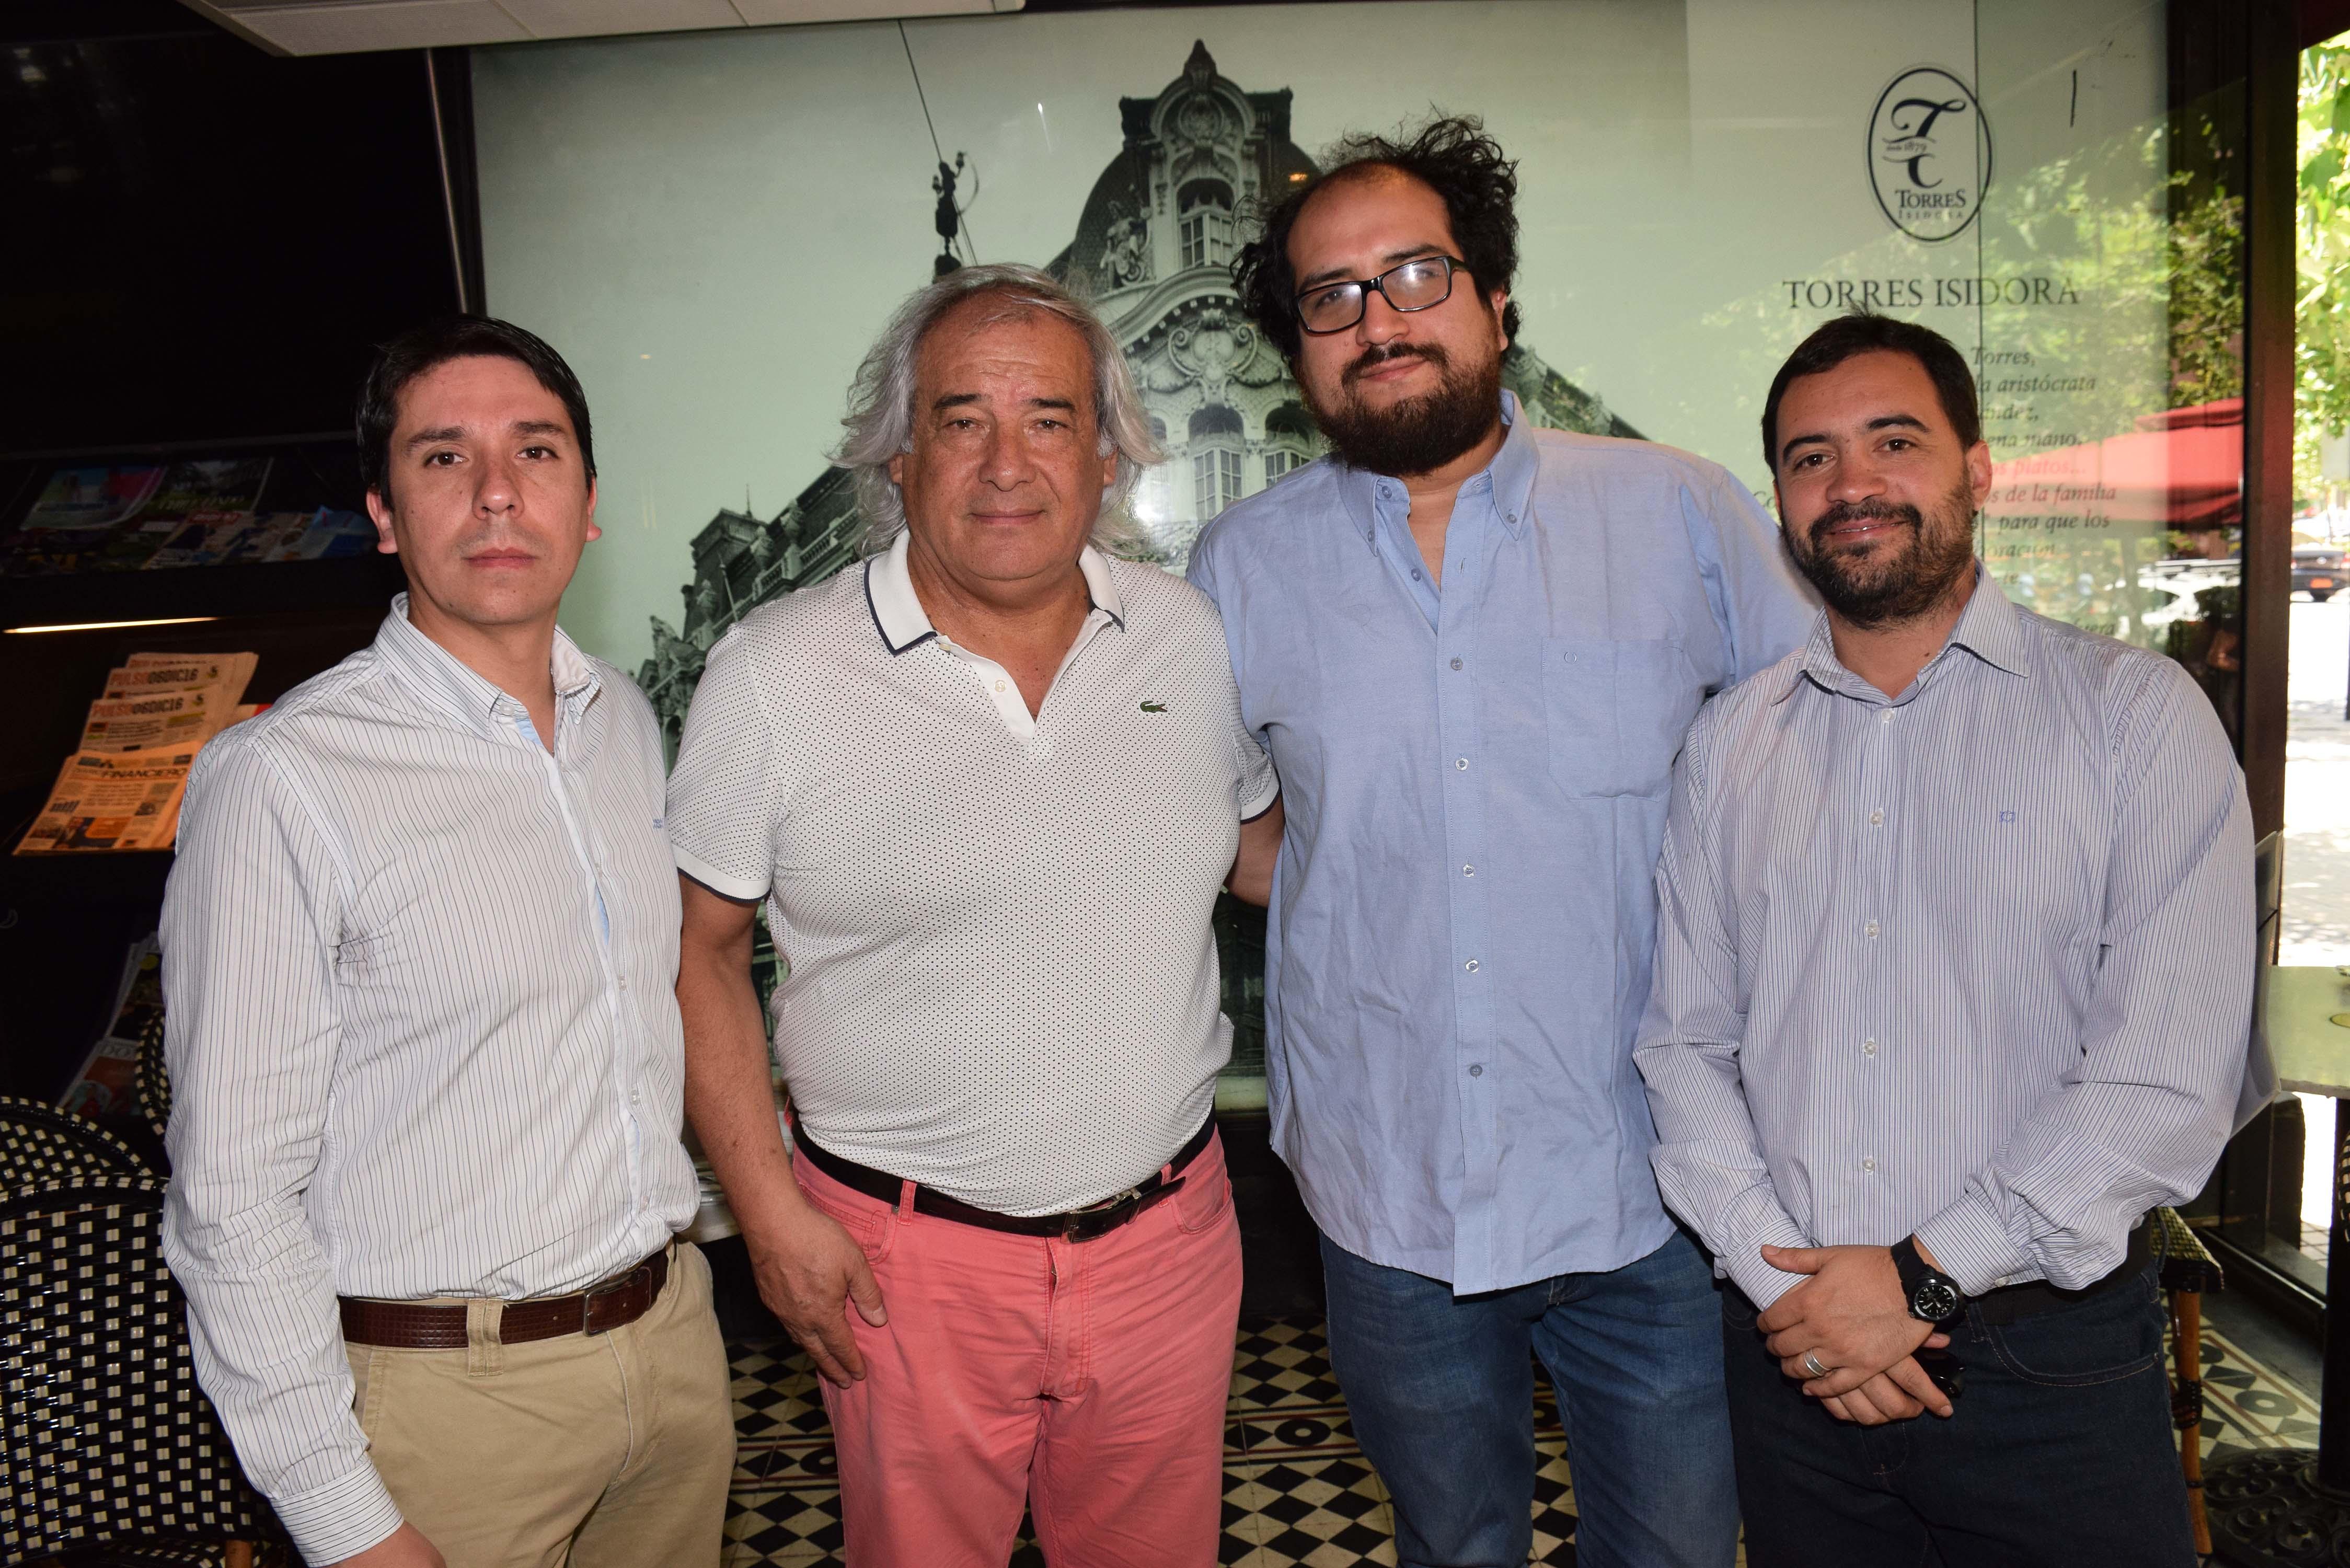 Alejandro Quense, Enrique Hormazábal, Roberto Santander y Ricardo Basáez